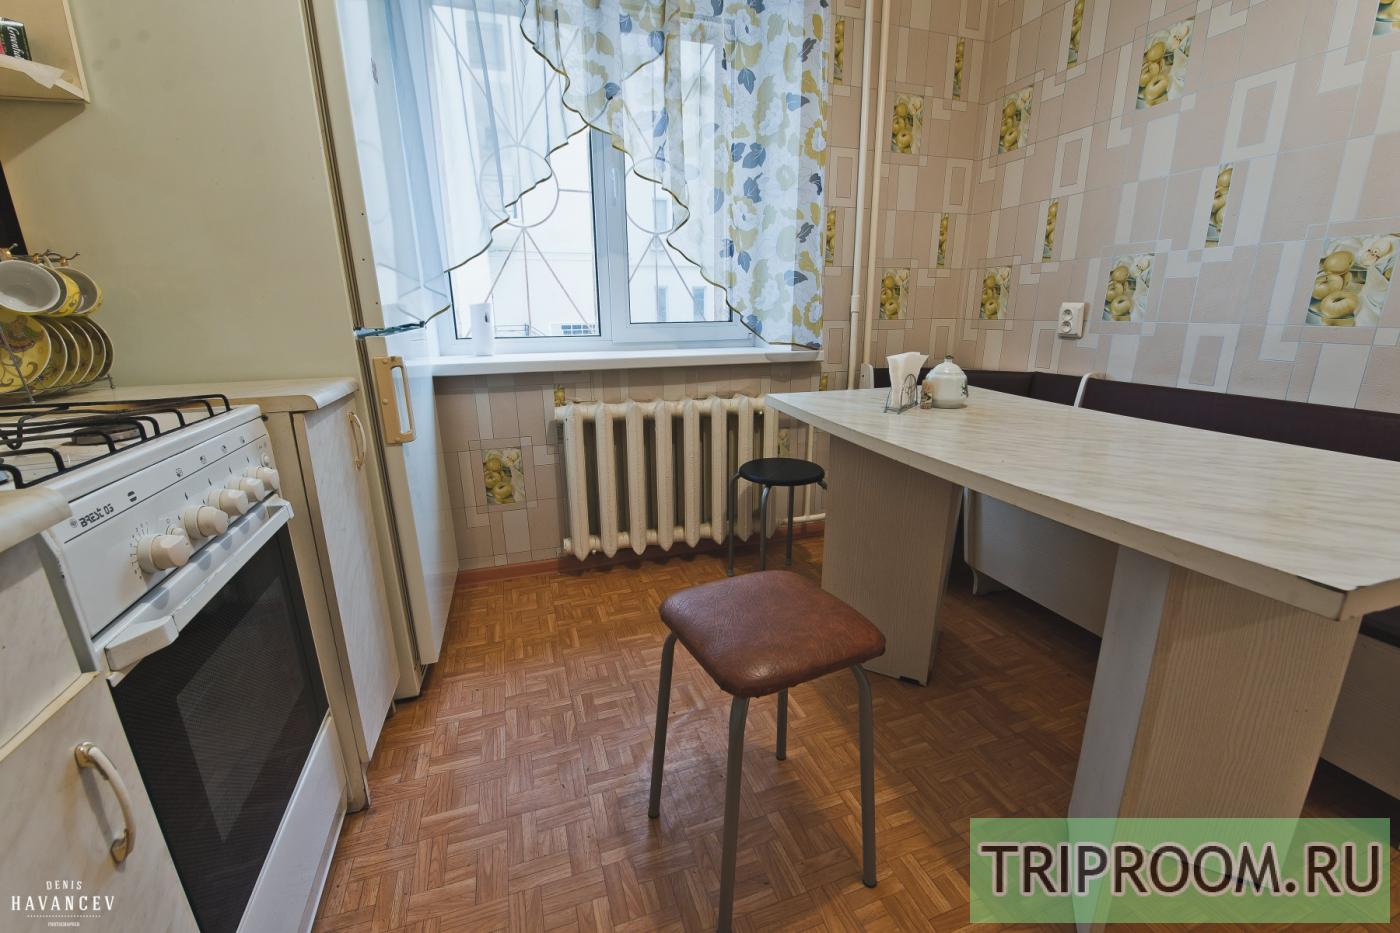 1-комнатная квартира посуточно (вариант № 14826), ул. Радищева улица, фото № 4